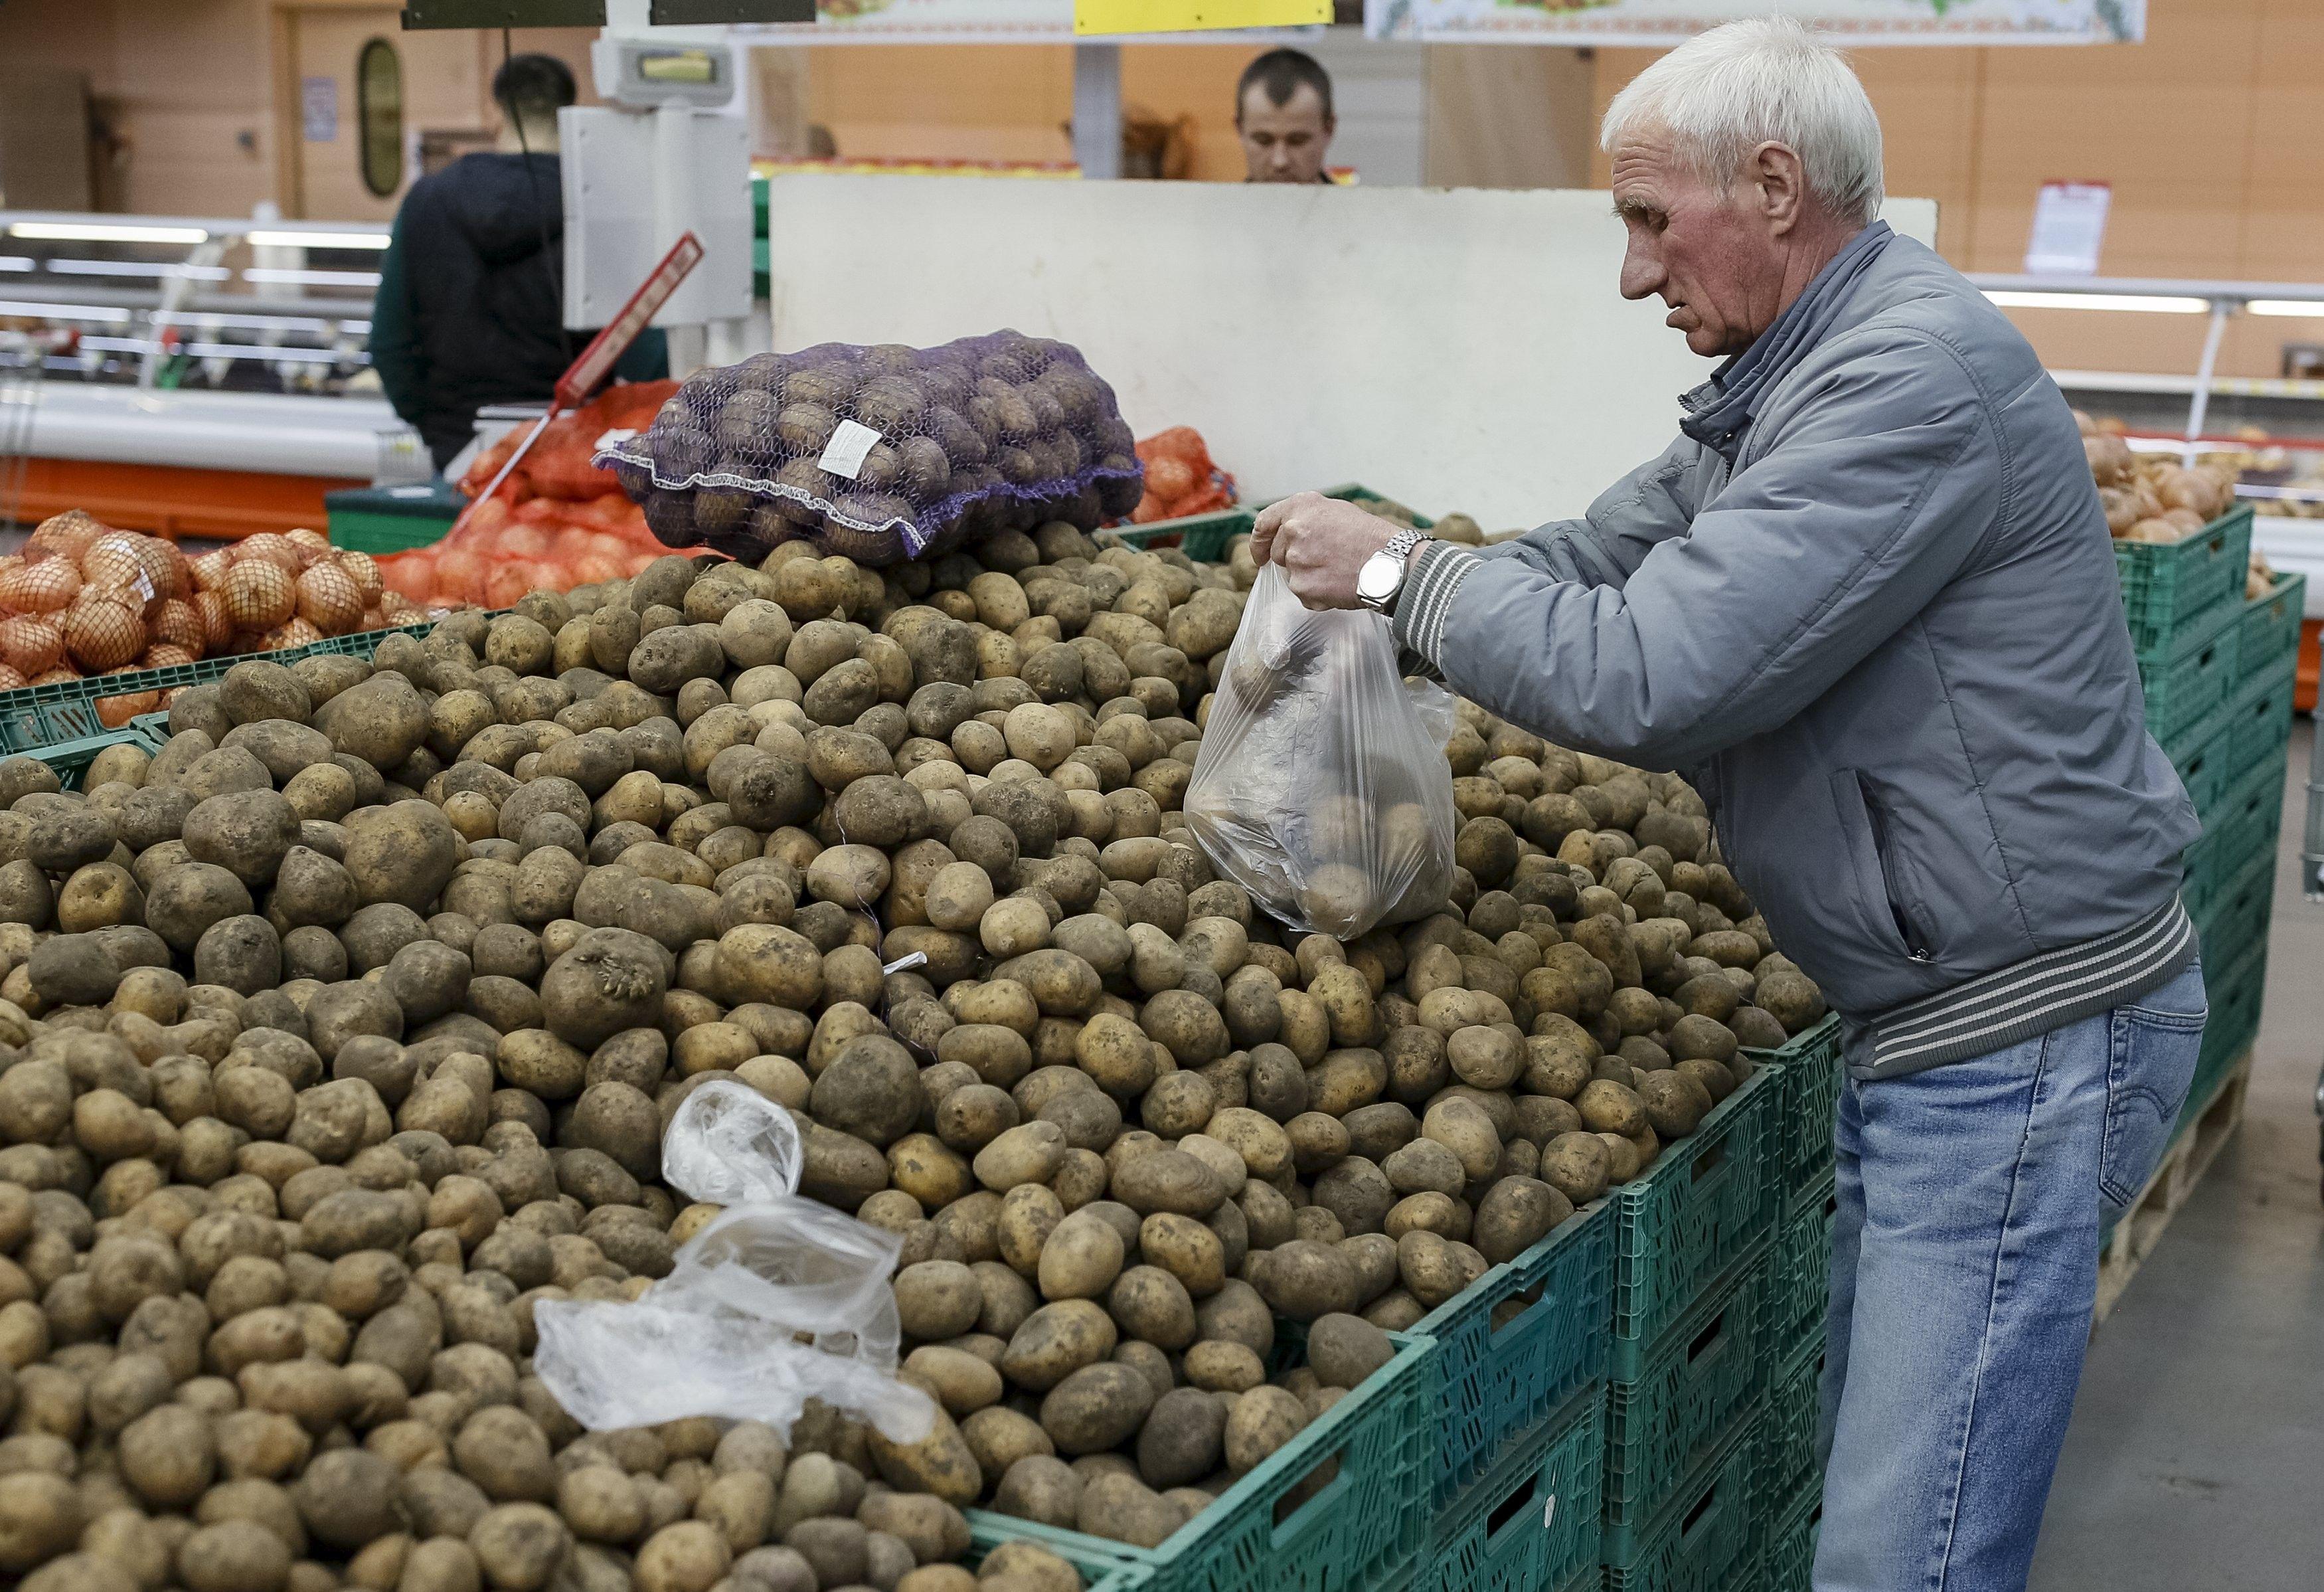 Цены на картофель в Украине в два раза выше, чем в Польше / Иллюстрация REUTERS